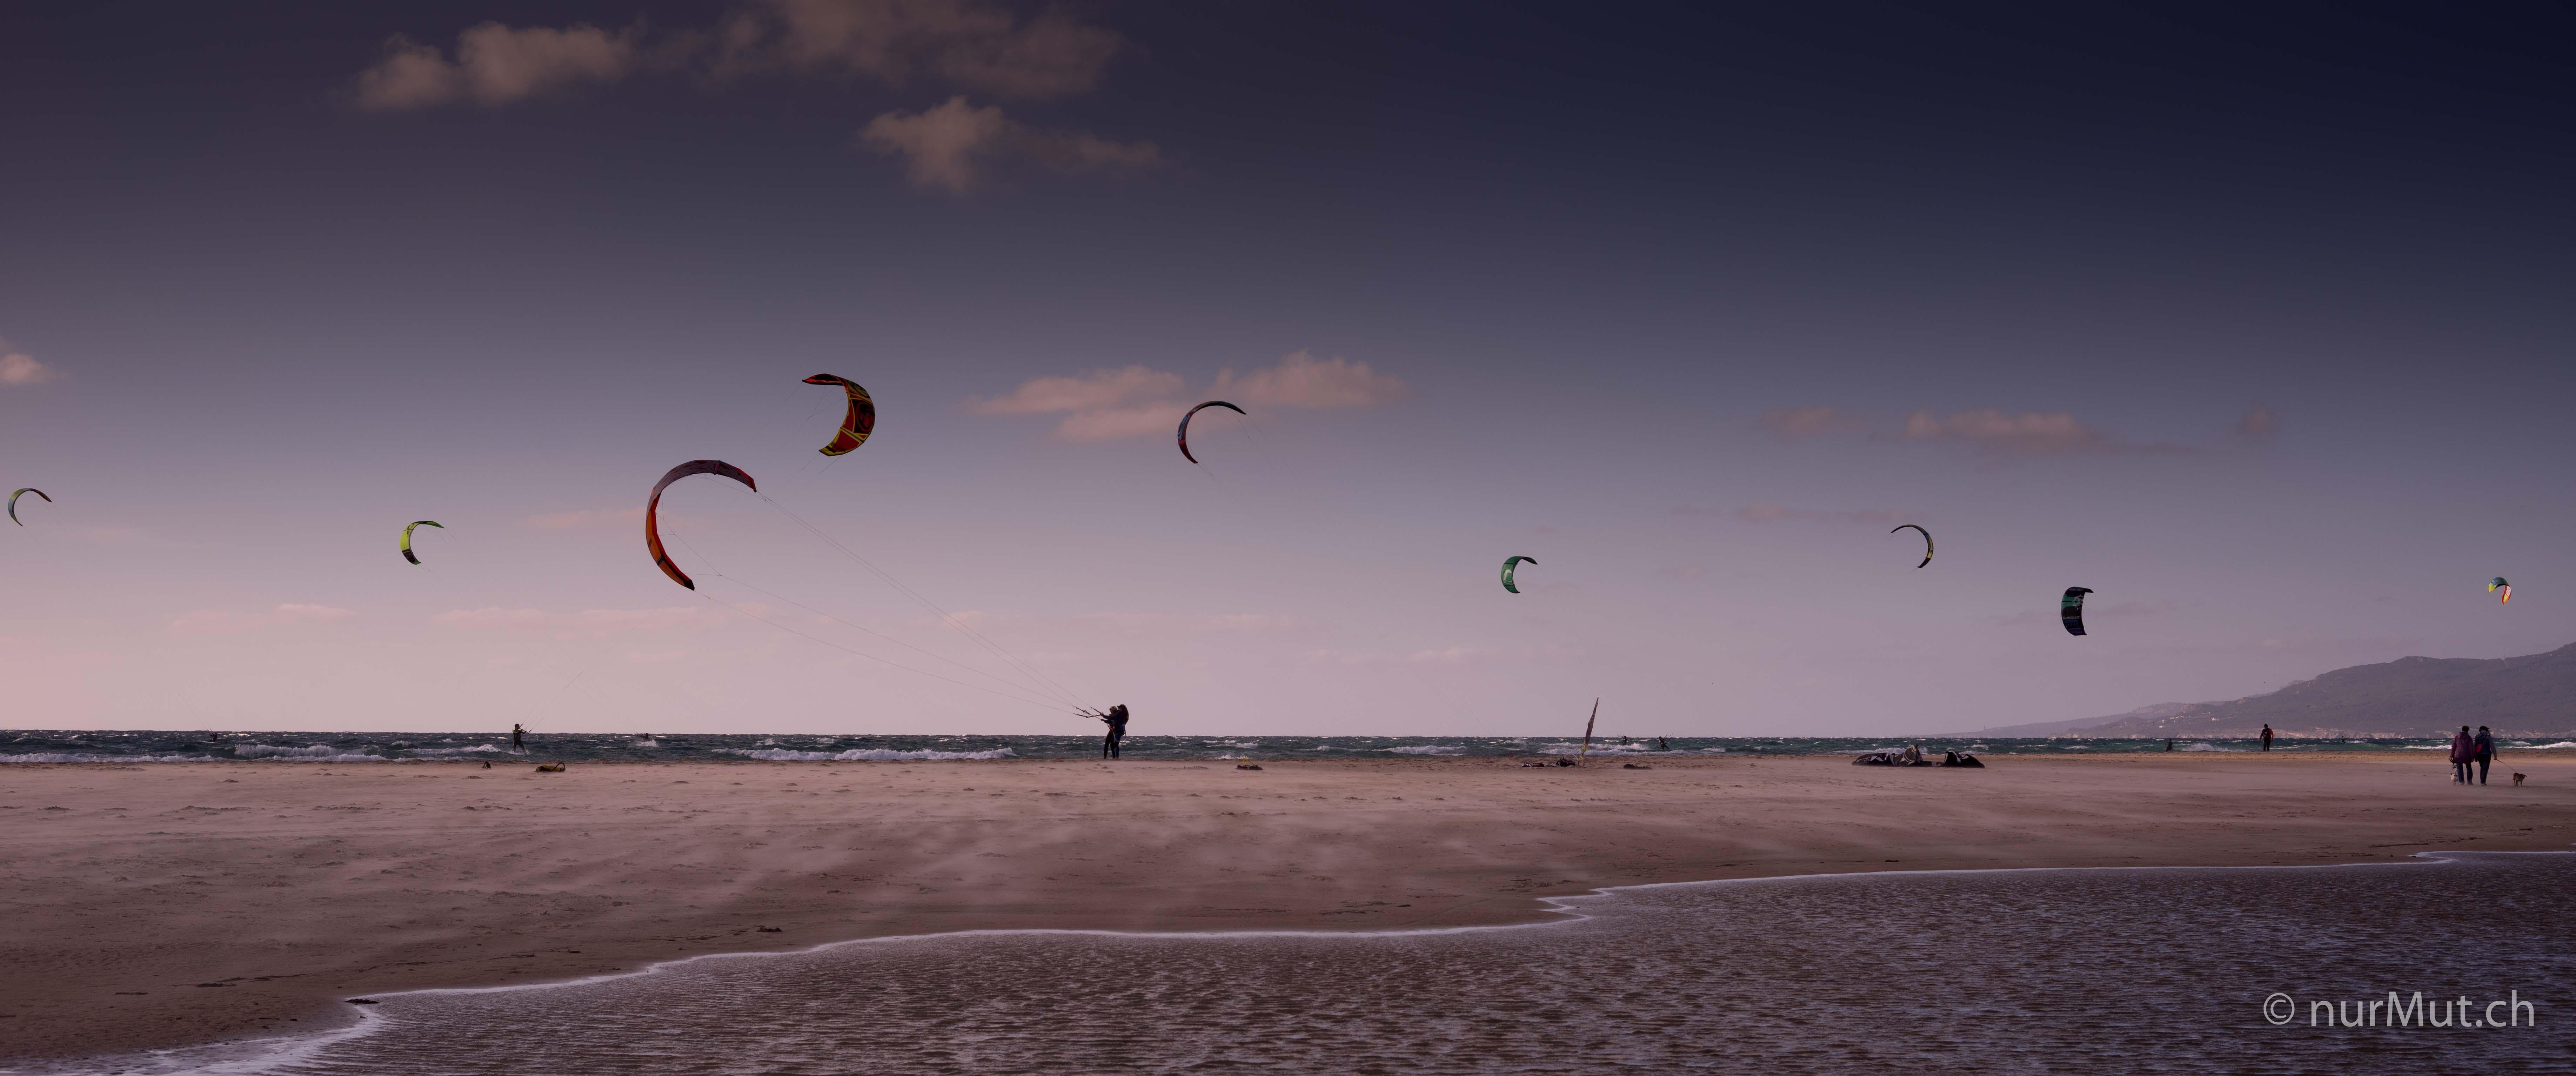 jenseits-von-afrika-reisen-ist-wie-das-leben-tarifa-kite surfer